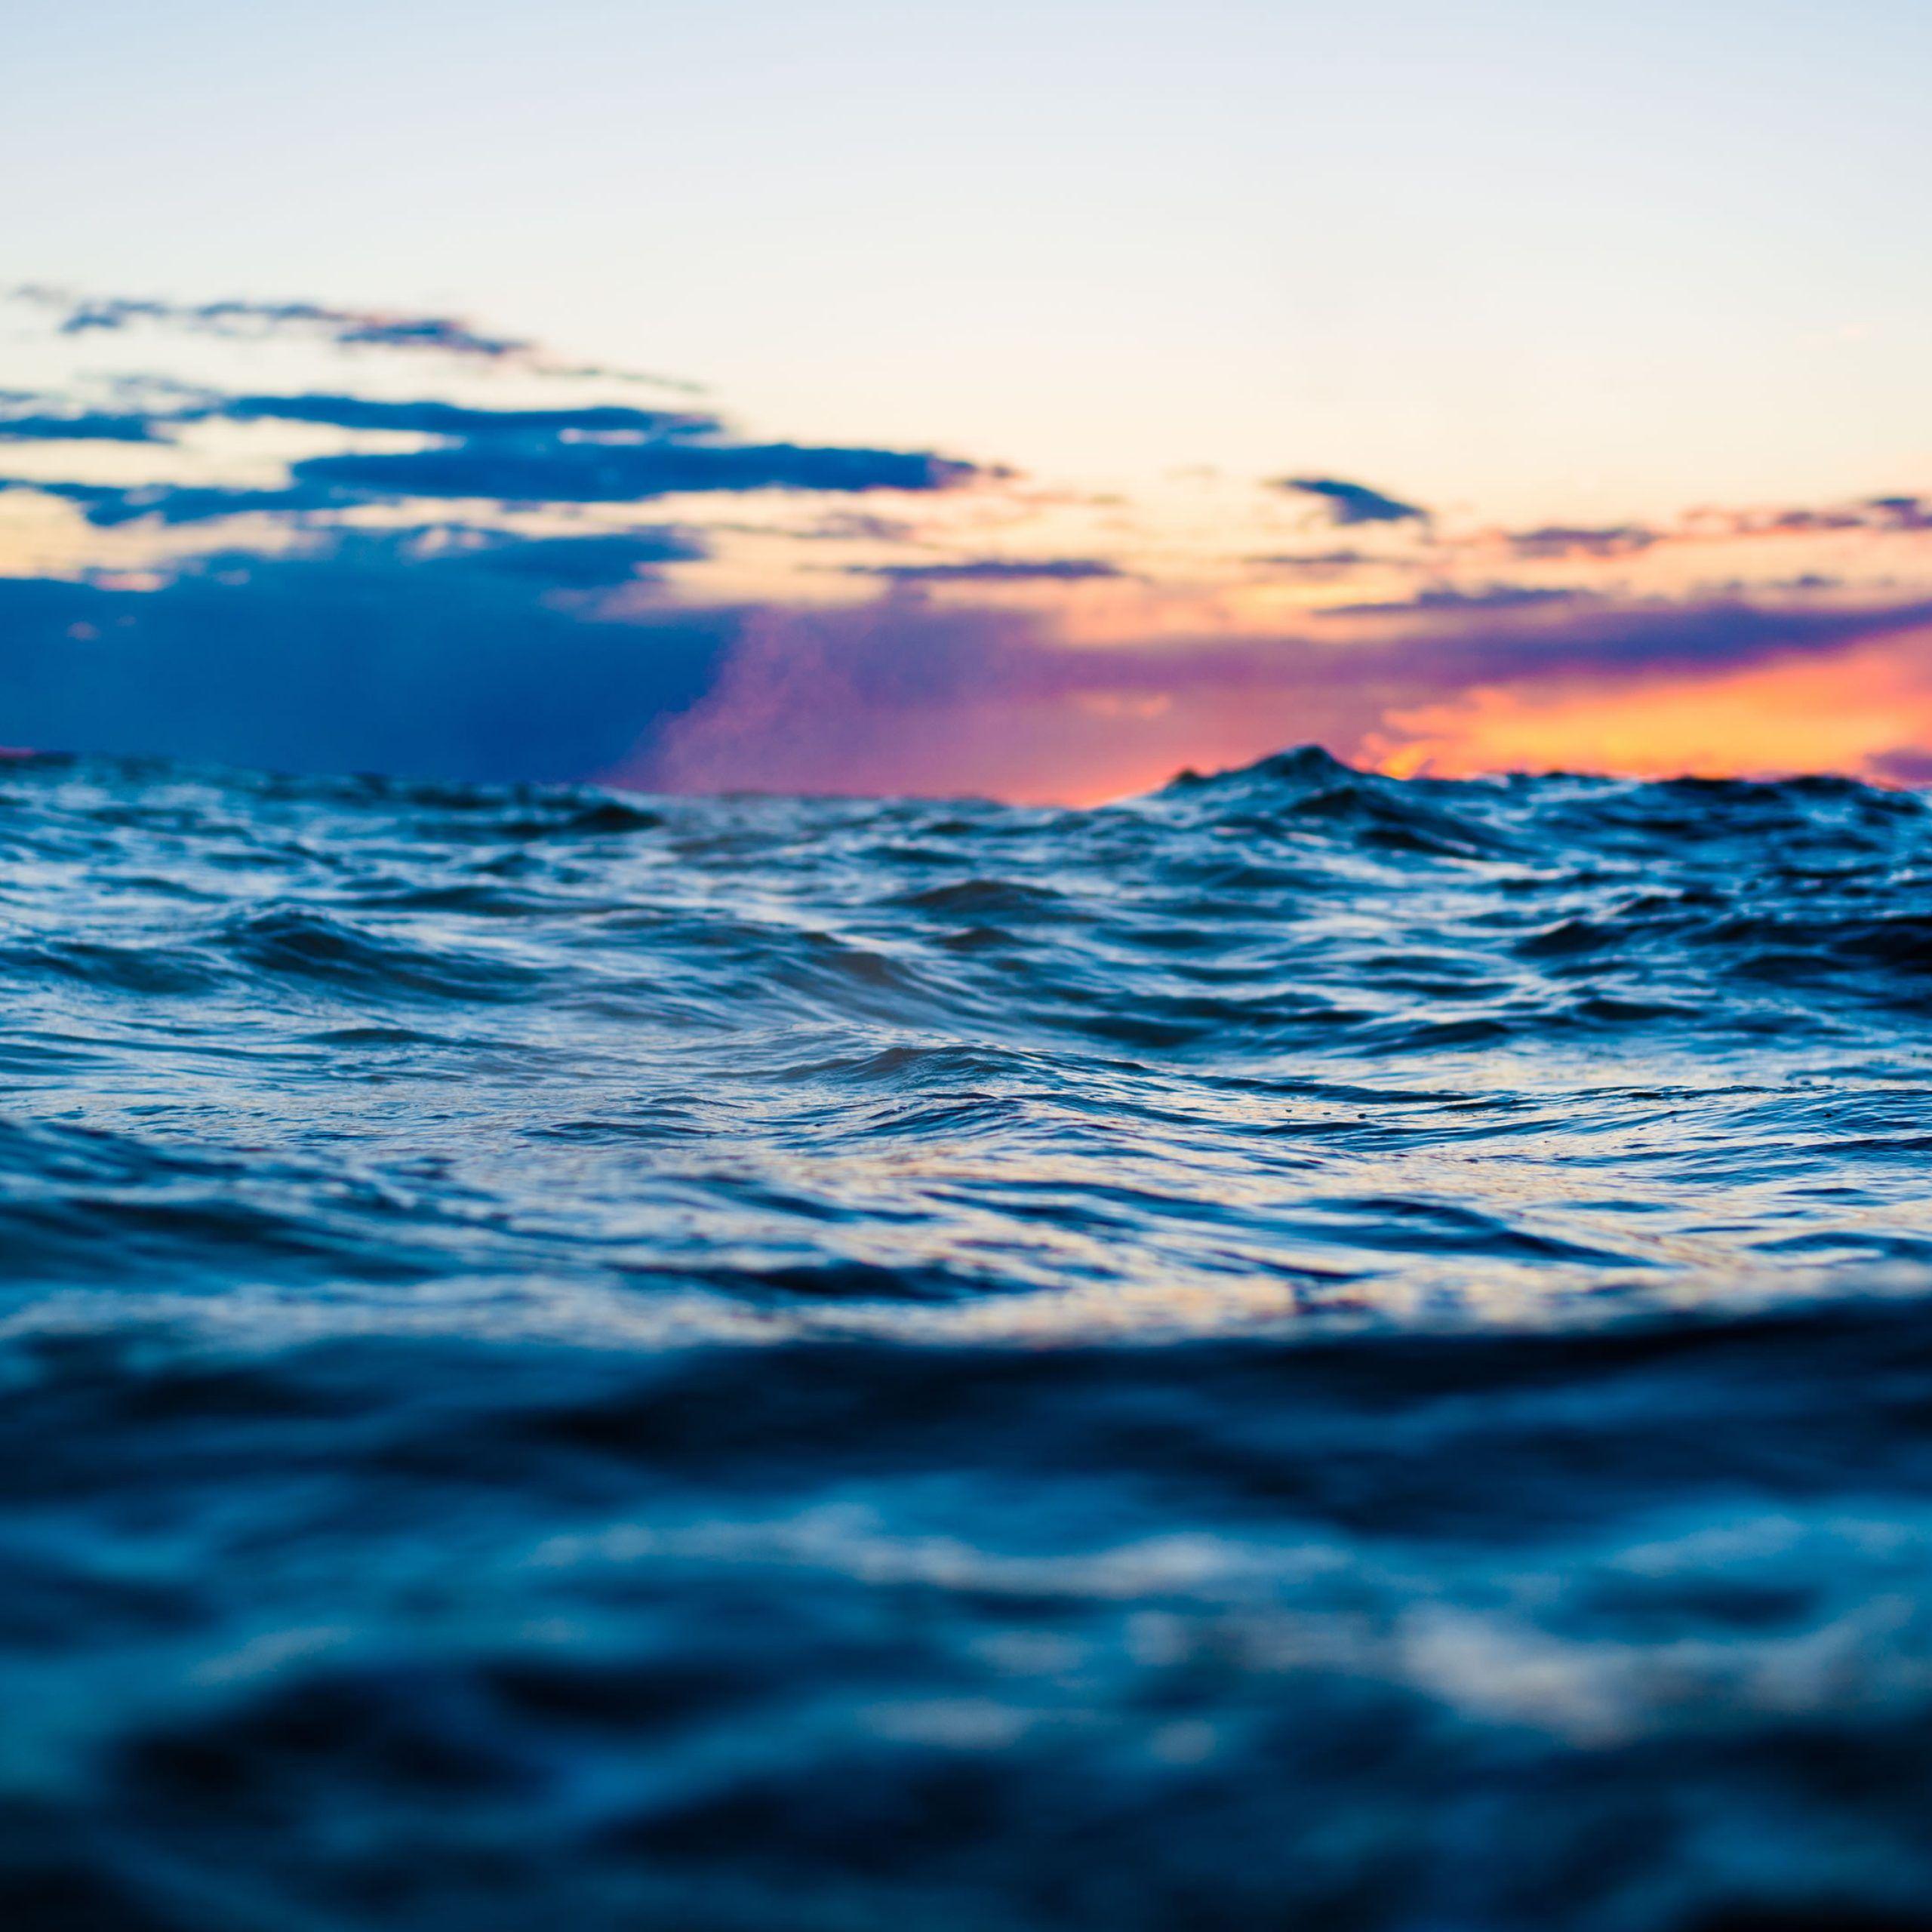 Maritim Verdiskapingsrapport 2020 – klyngen er i vekst